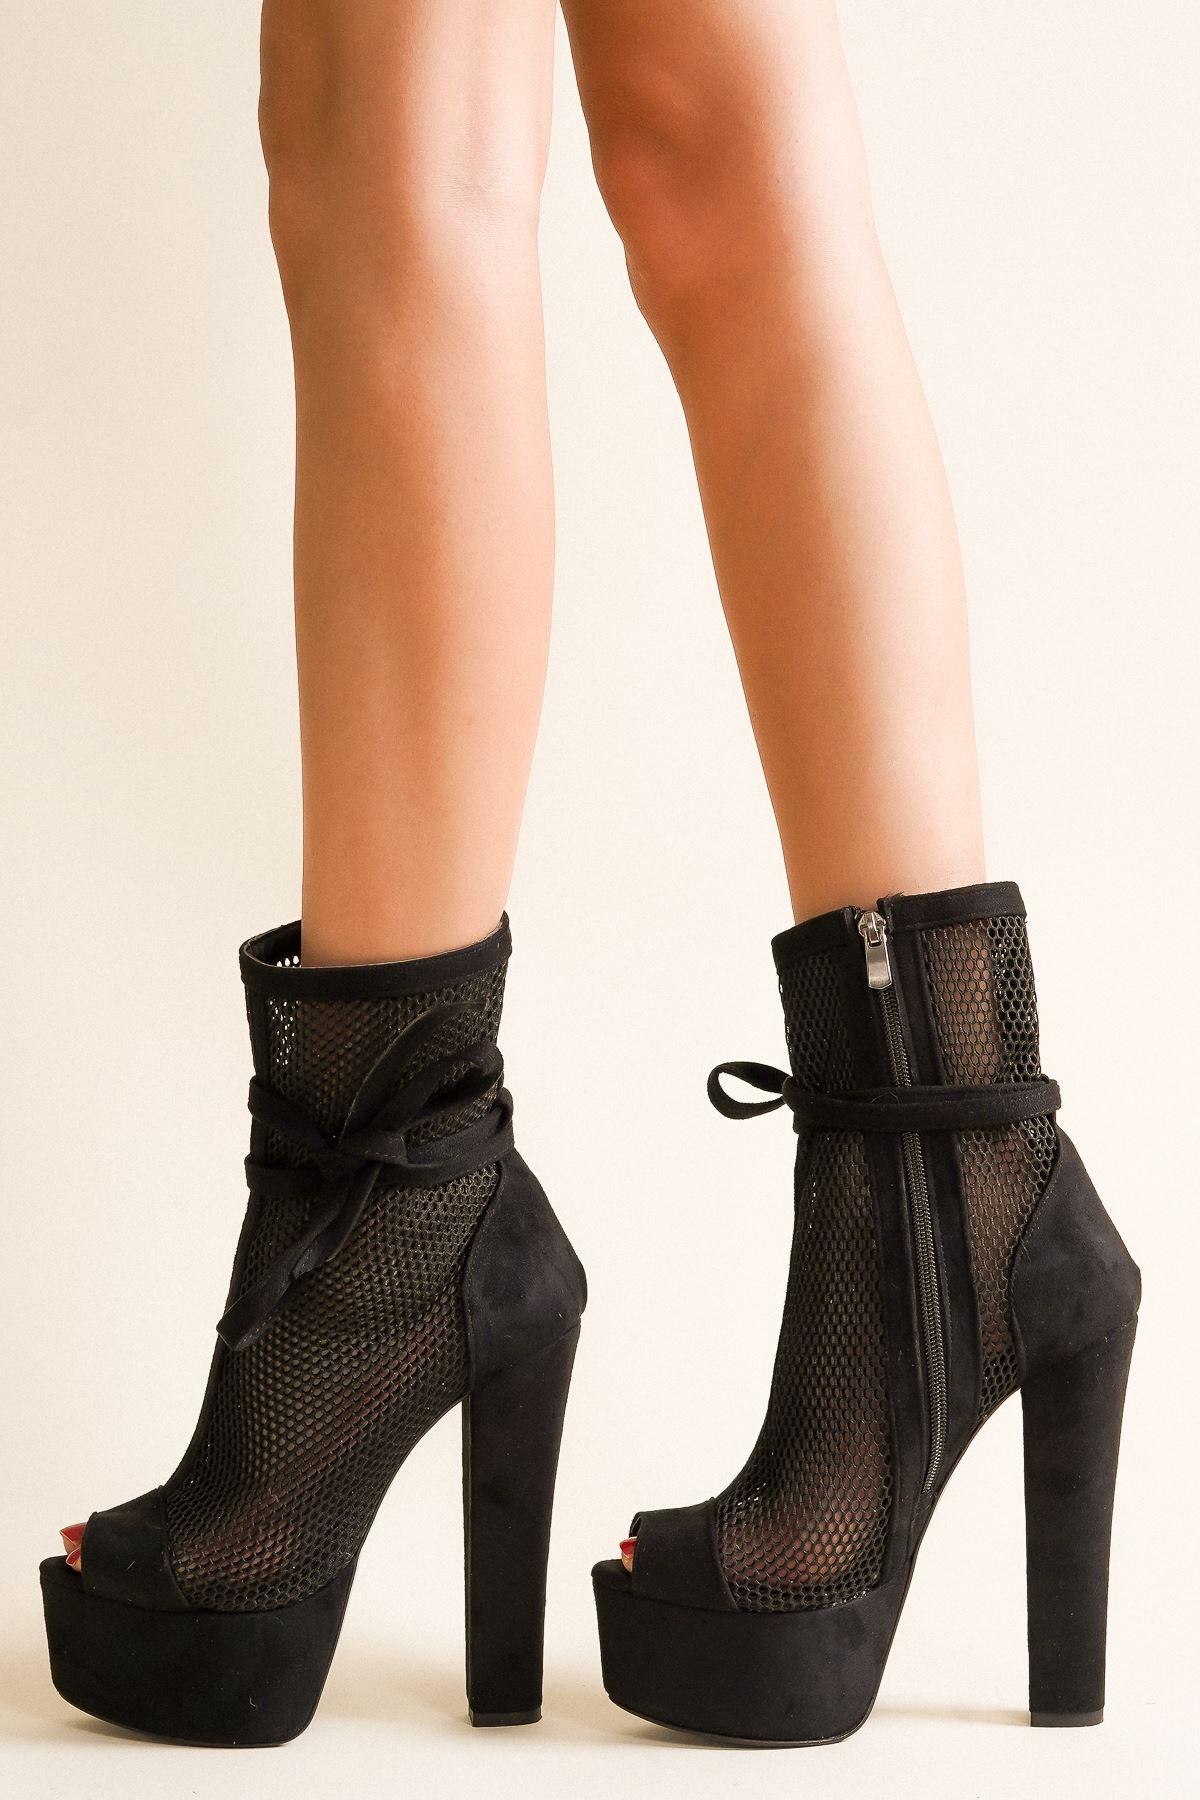 Parisa Siyah Süet Yüksek Topuklu Ayakkabı